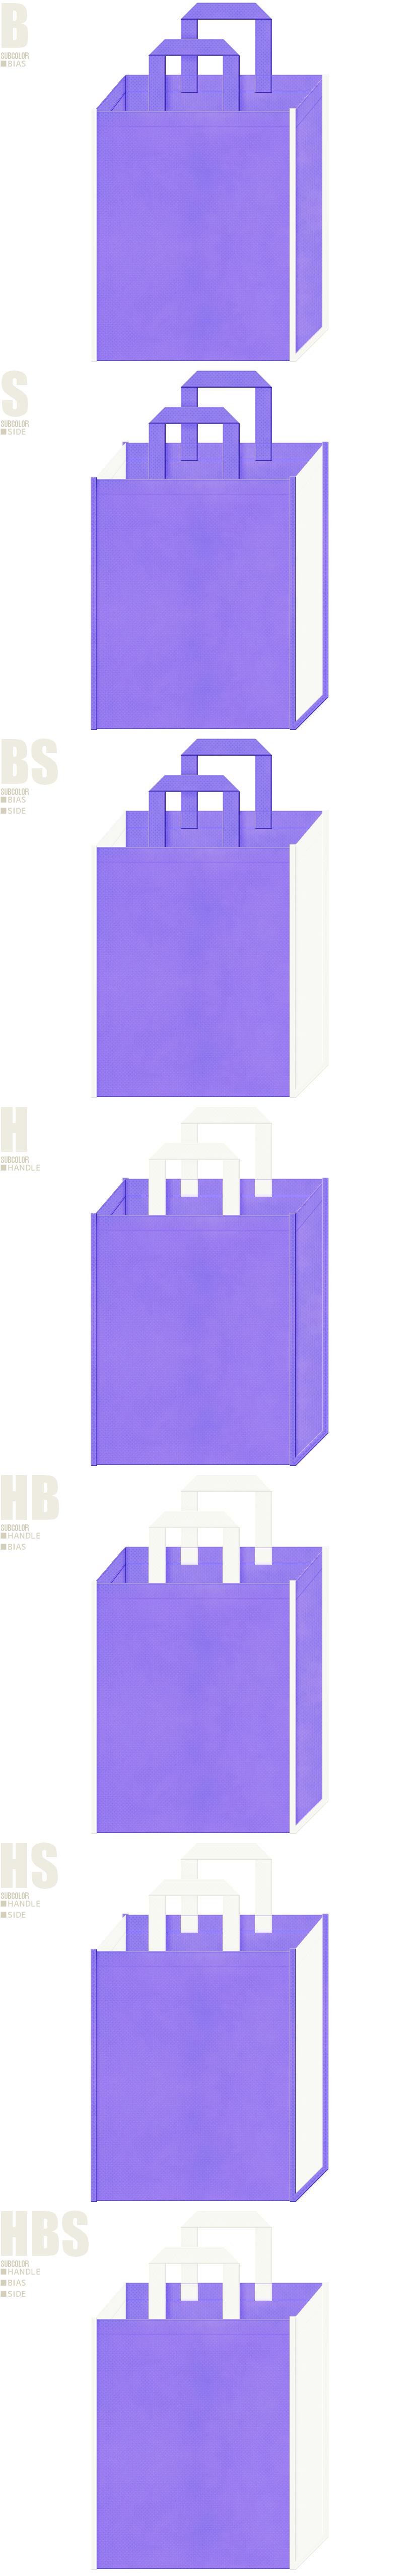 明るめの紫色とオフホワイト色、7パターンの不織布トートバッグ配色デザイン例。医療セミナーの資料配布用・医療用品の展示会用バッグ、バレエ・楽団ユニフォームキャリー用のバッグにお奨めです。